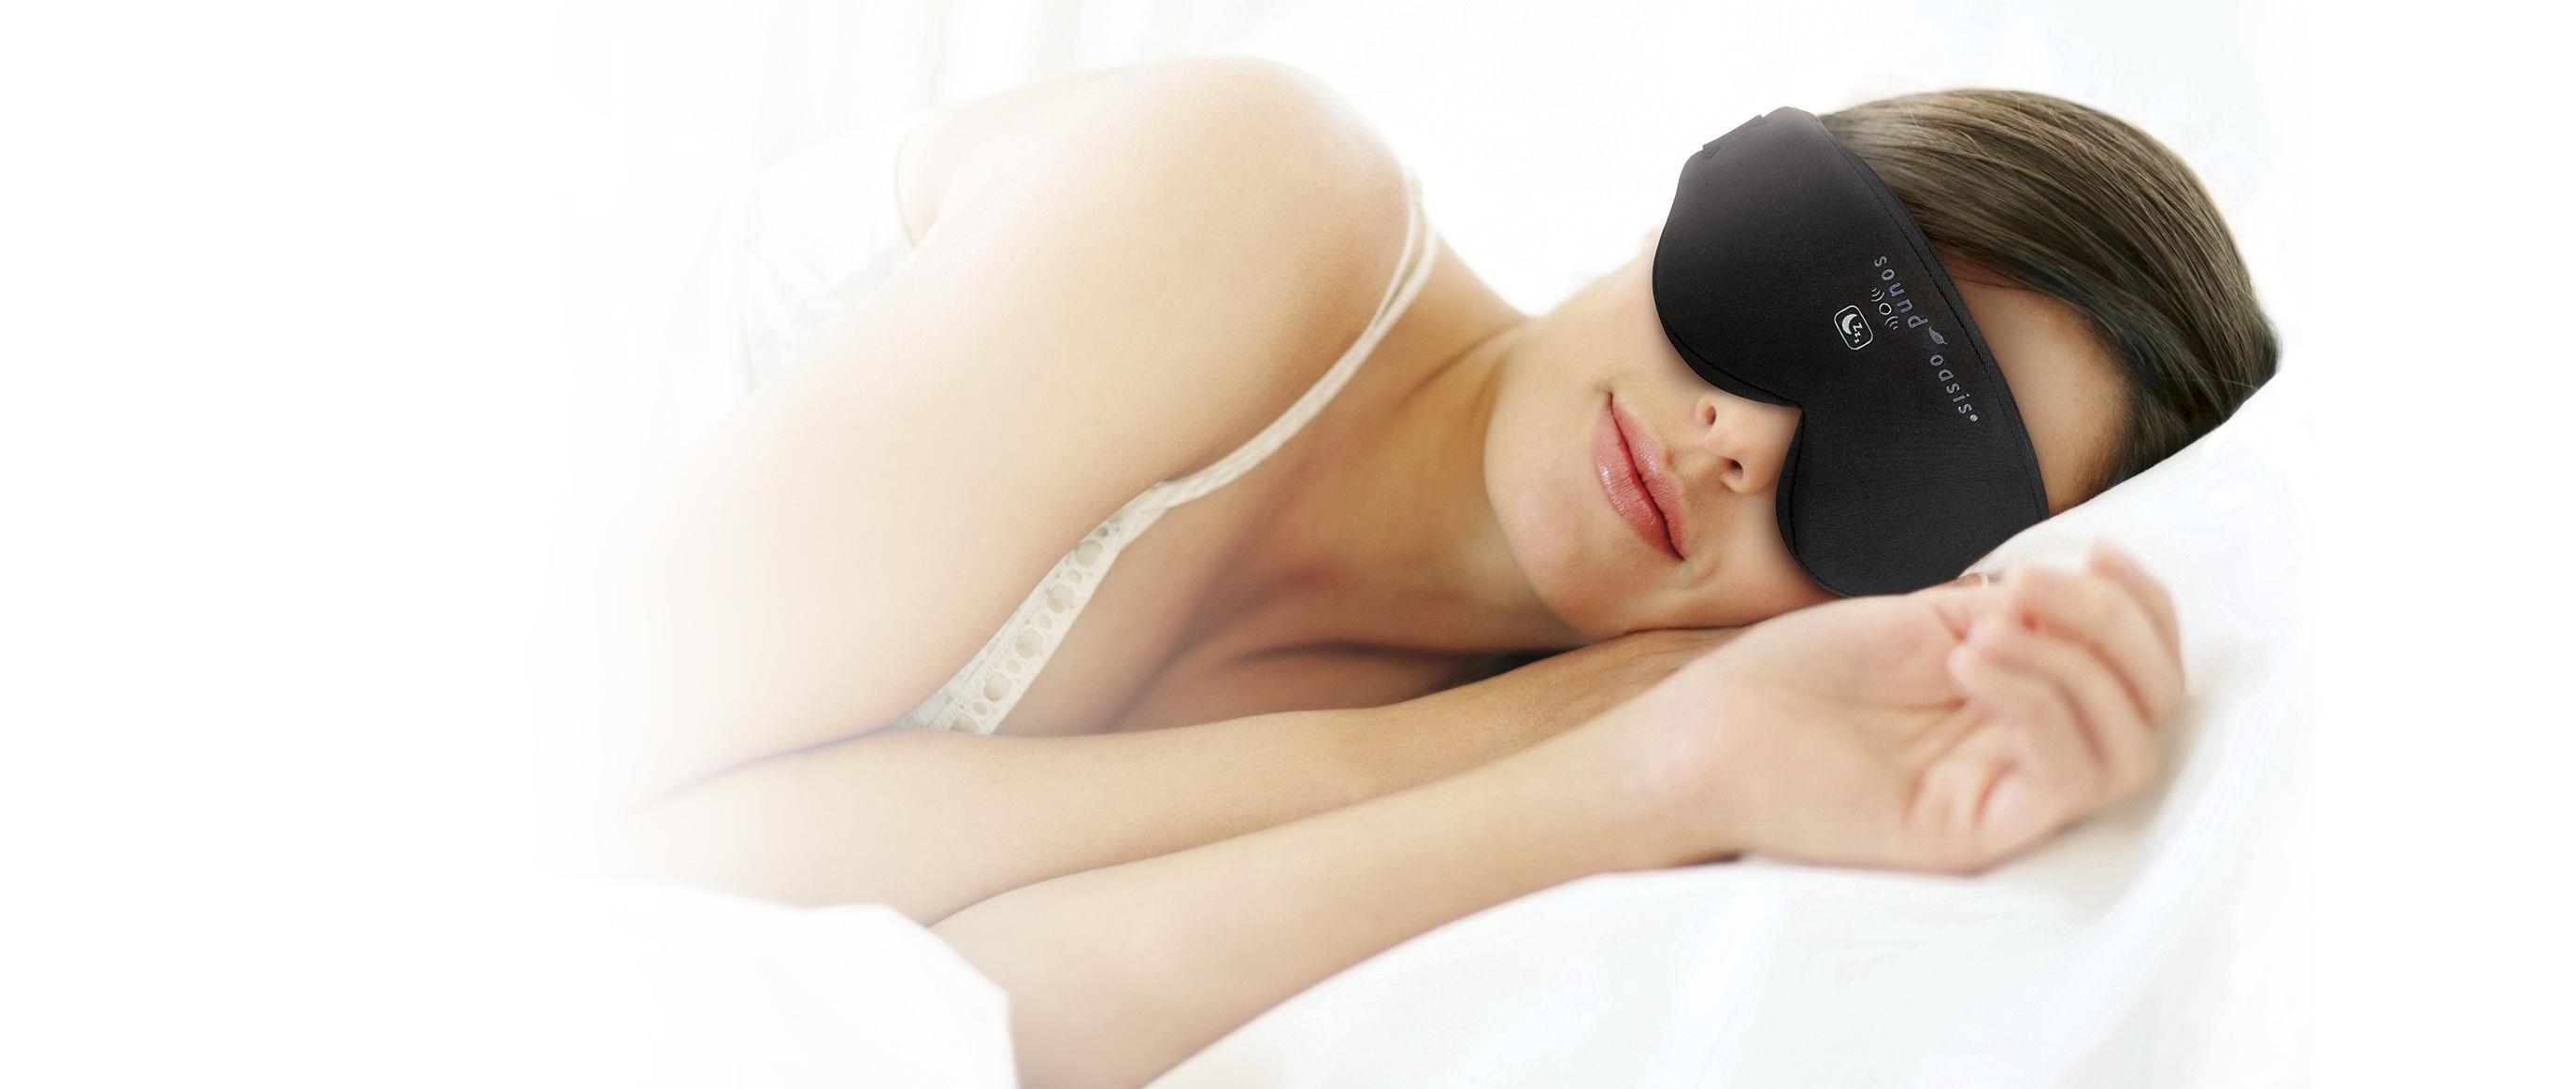 Illumy Sleep And Wake Mask Is A Smart Sleep Mask That Will Help You Sleep  Better · Jet Lagsleep